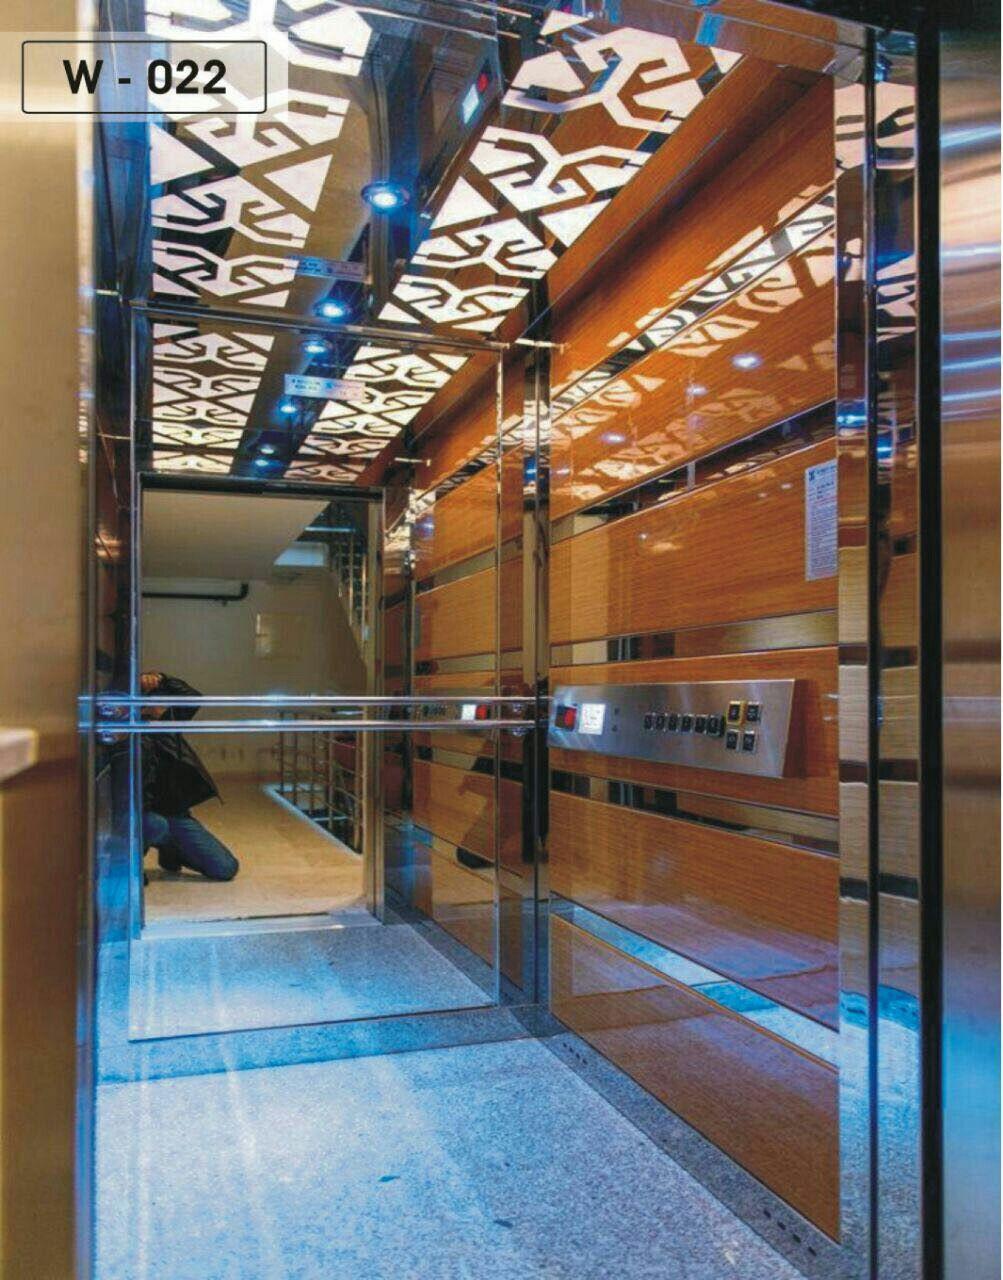 مصاعد في الرياض مصاعد استرا بالرياض 0563372685 0543090780 مصاعد بانورامية مصاعد منزلية مصاعد الحمولة والسلع مصاعد الطعام والخ Stairs Home Home Decor